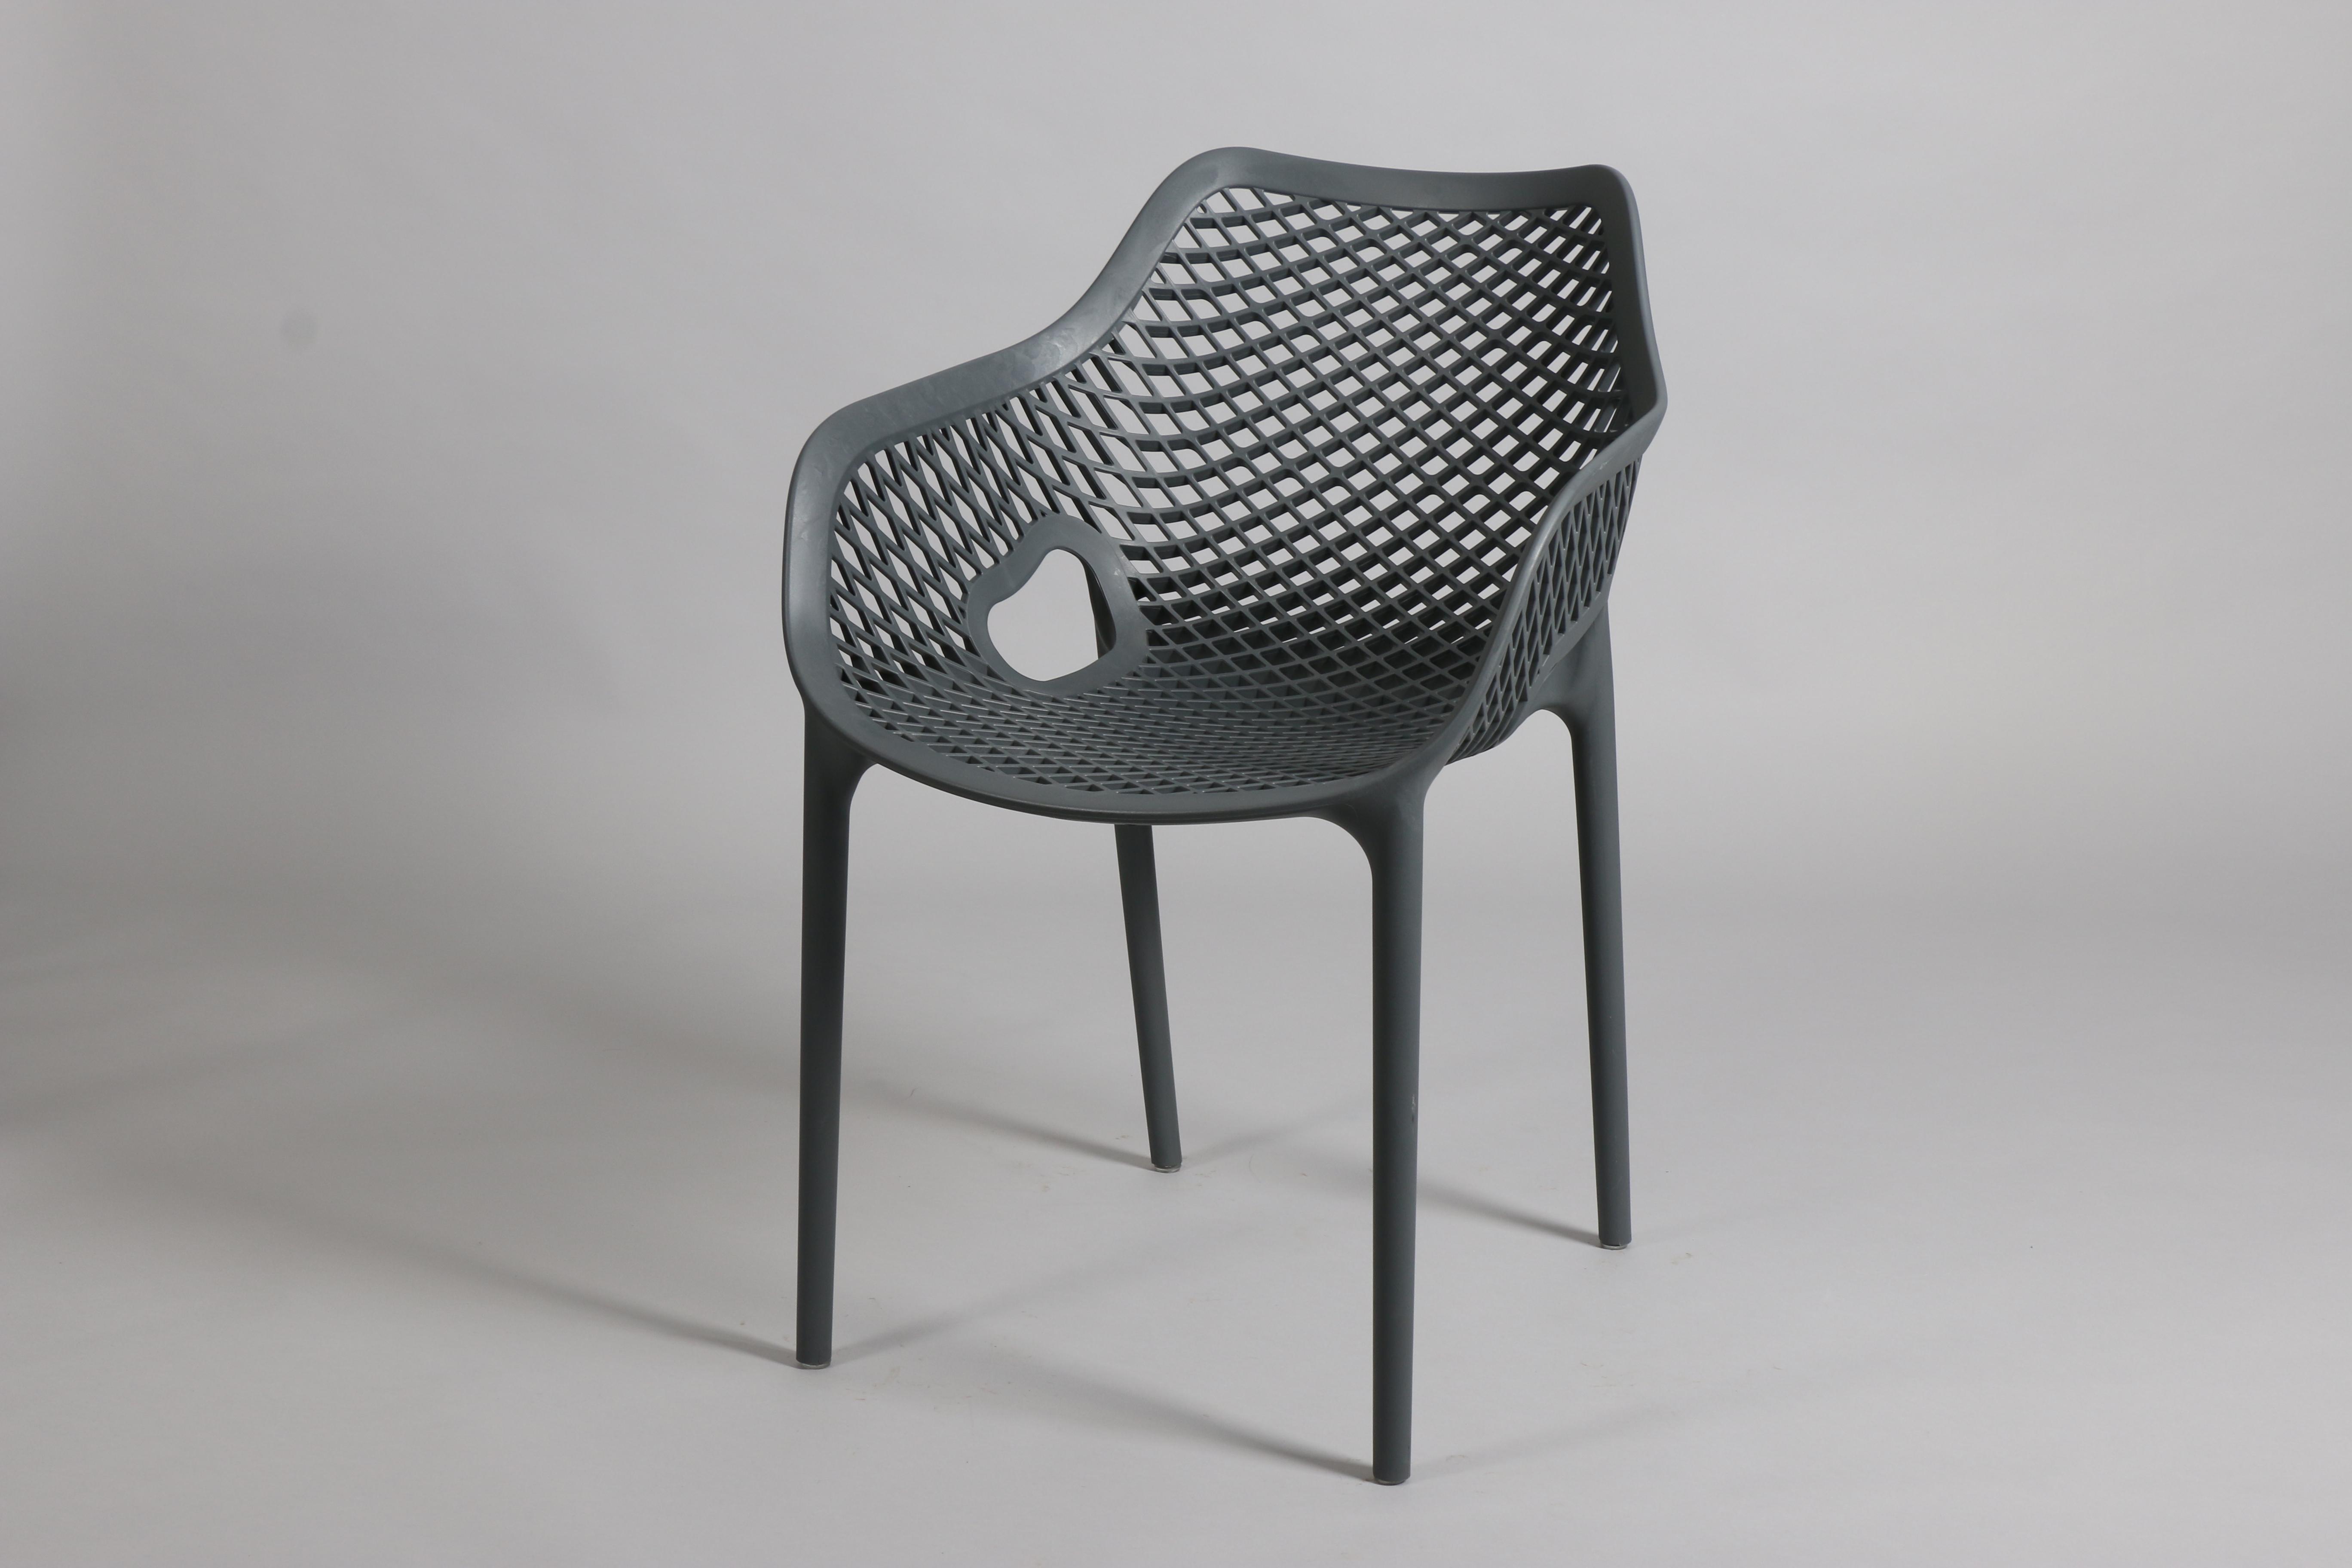 сив стол градински от полипропилен,пластмаса